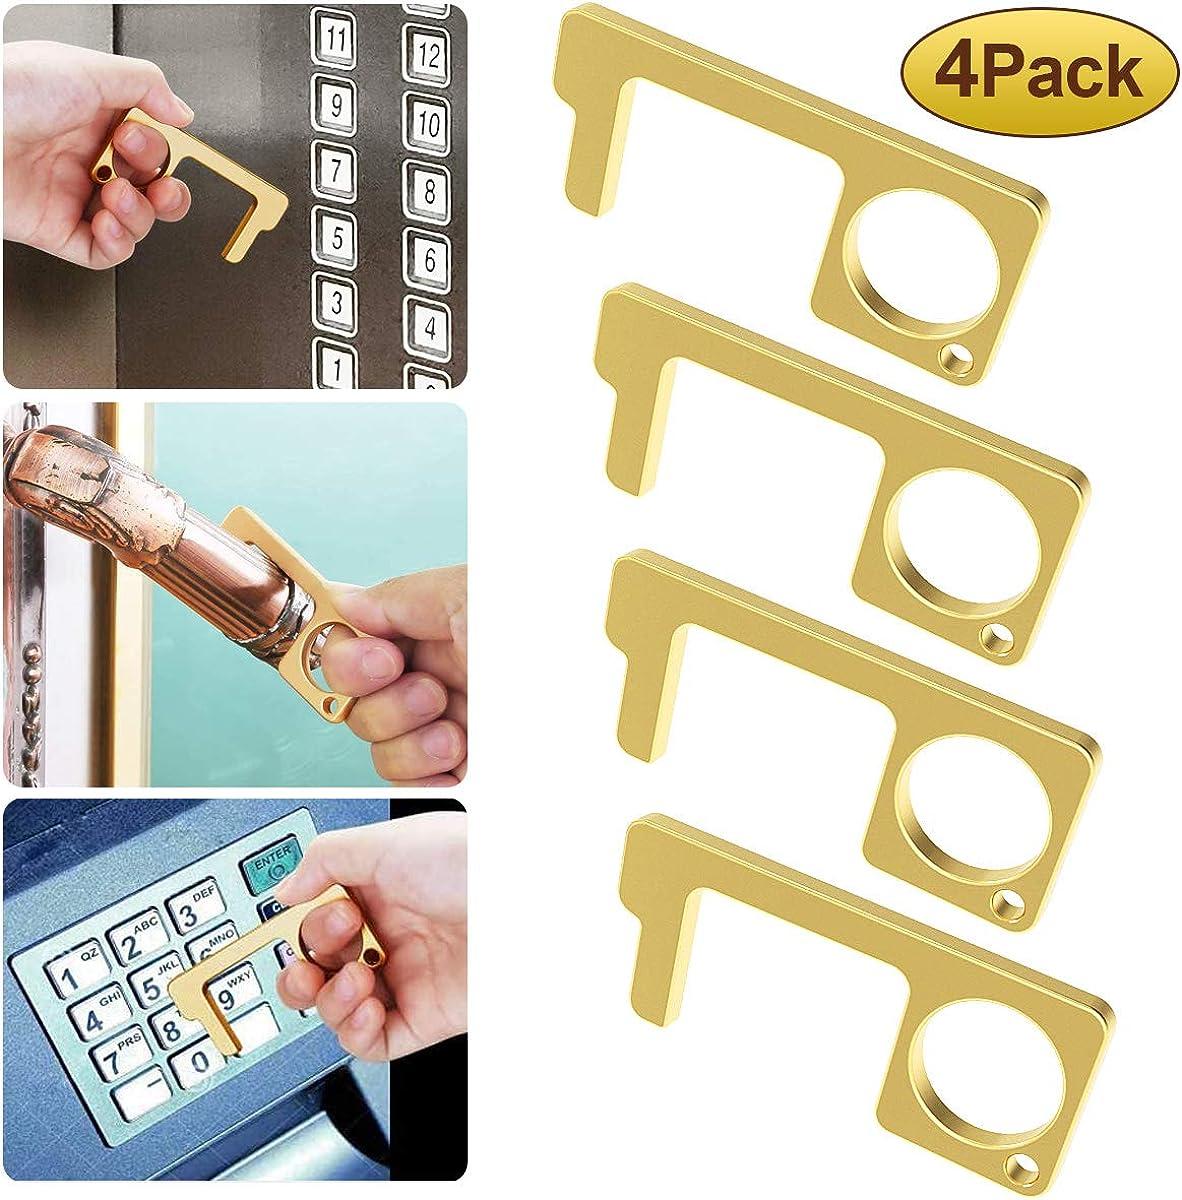 3 herramientas de abridor de puerta sin tocar con punta de goma y l/ápiz capacitivo para mantener las manos seguras y limpias reutilizables personalizable sin contacto